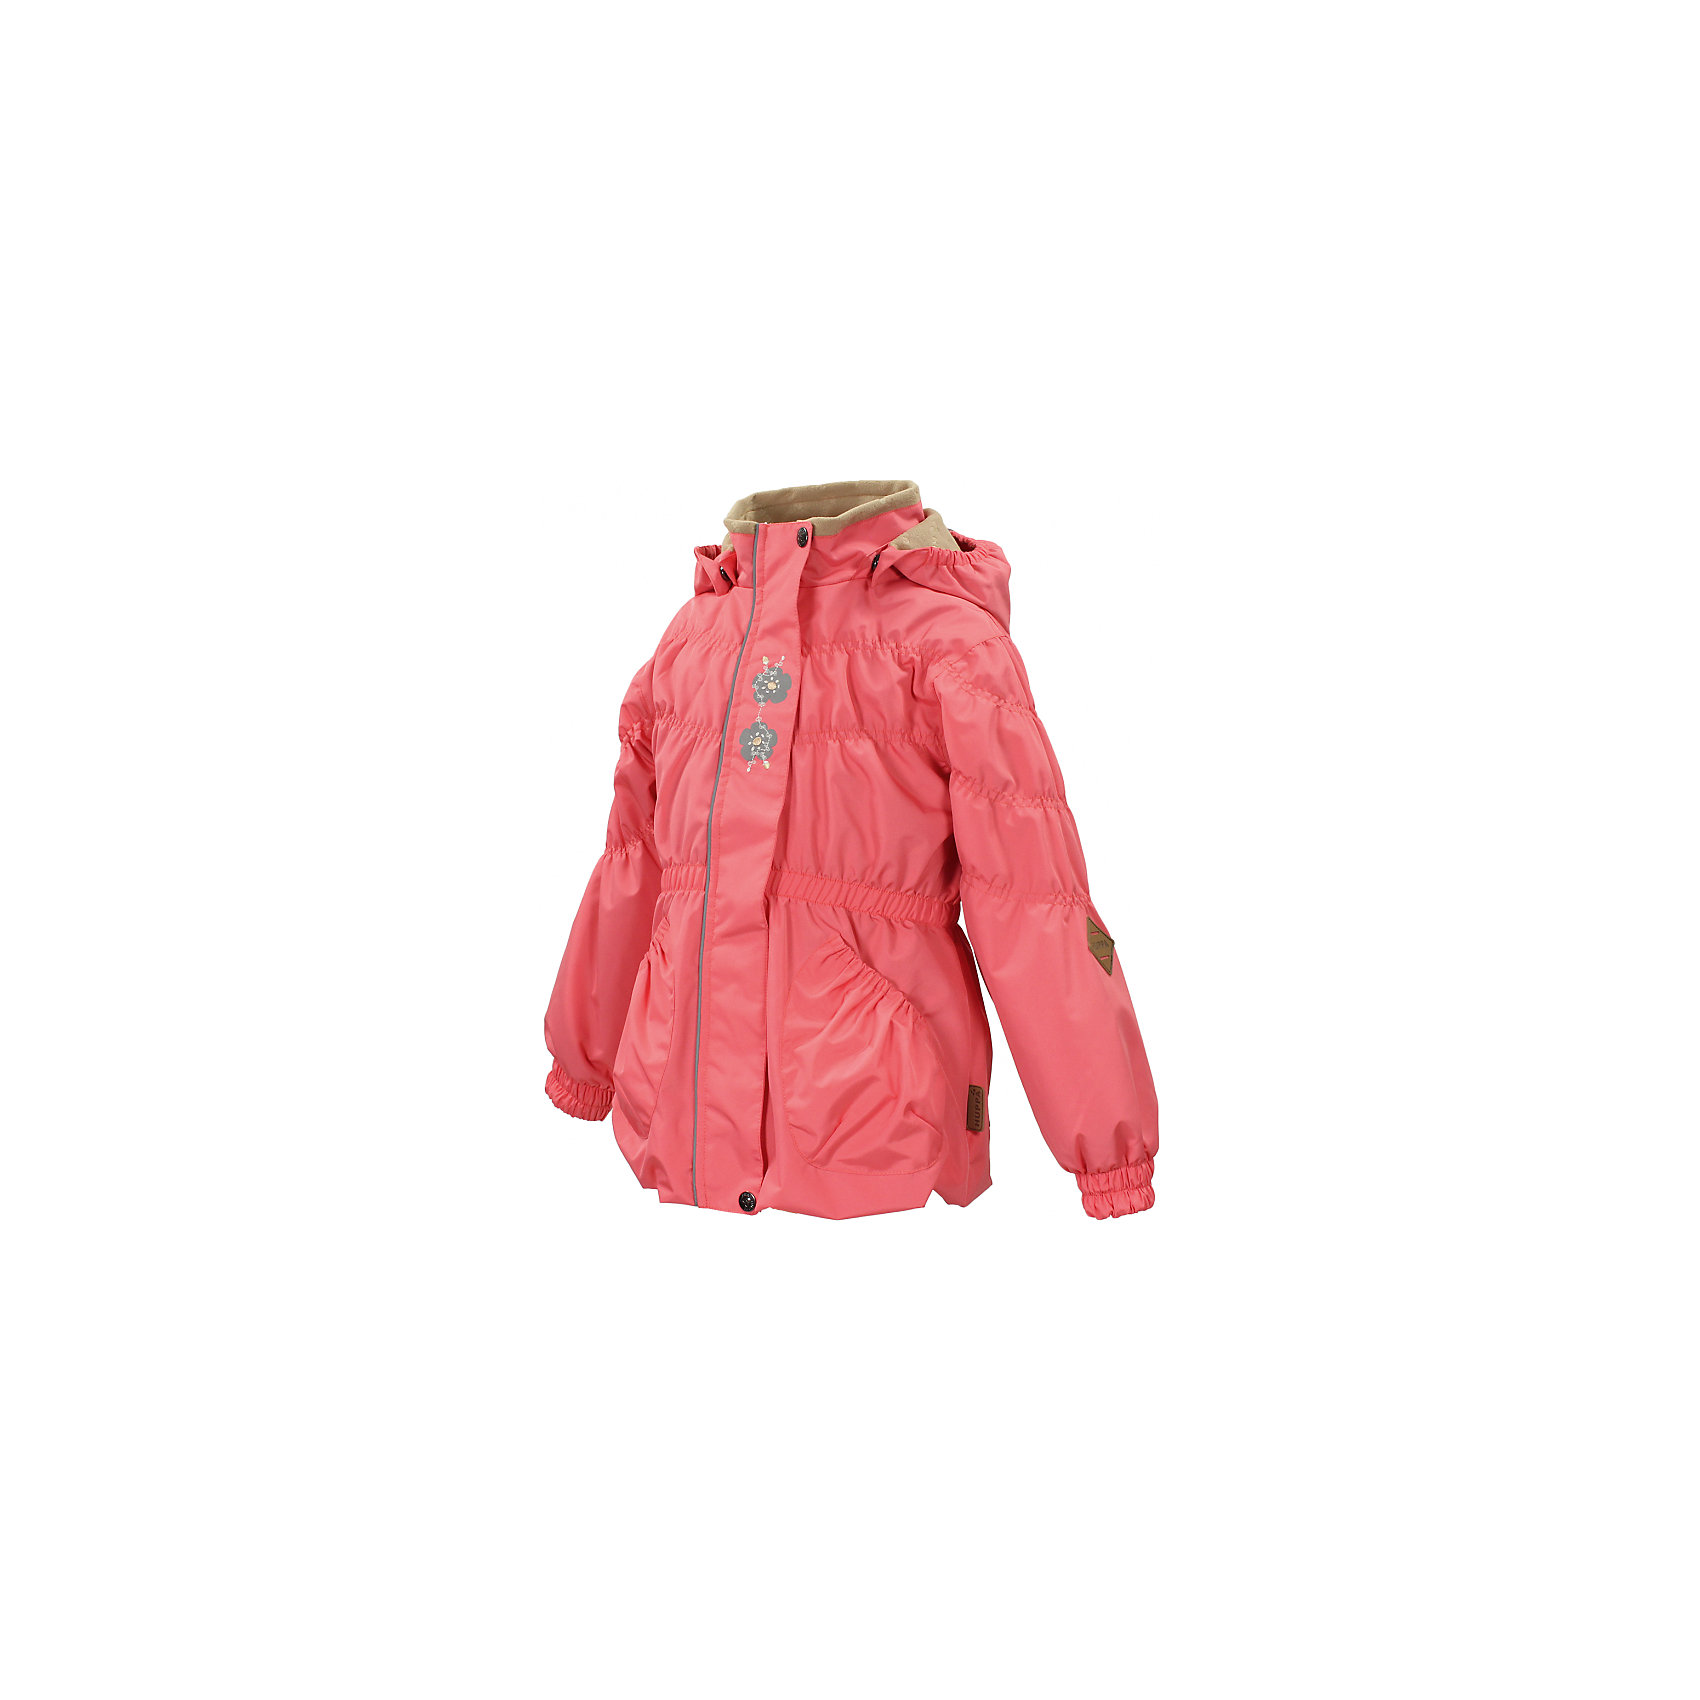 Куртка для девочки HuppaВерхняя одежда<br>Влагоустойчивая и дышащая ткань 10 000/ 10 000<br>Мембрана препятствует прохождению воды и ветра сквозь ткань внутрь изделия, позволяя испаряться выделяемой телом, образовывающейся внутри влаге.<br><br>Проклеенные швы<br>Для максимальной влагонепроницаемости изделия, важнейшие швы проклеены водостойкой лентой.<br><br>Прочная ткань<br>Сплетения волокон в тканях выполнены по специальной технологии, которая придаёт ткани прочность и предохранят от истирания.<br><br>Светоотражательные детали<br>При плохих погодных условиях или в темноте, когда свет падает на одежду, он отражается, делая ребёнка более заметным, уменьшая возможность несчастных случаев.<br><br>Дополнительная информация:<br><br><br>Куртка для девочек<br>Ткань: 100% полиэстер<br>Подкладка: флис - 100% полиэстер, тафта в рукавах - 100% полиэстер<br>Внутренний карман<br>Плечевые швы проклеены<br><br>Куртку для девочки Huppa можно купить в нашем магазине.<br><br>Ширина мм: 356<br>Глубина мм: 10<br>Высота мм: 245<br>Вес г: 519<br>Цвет: розовый<br>Возраст от месяцев: 36<br>Возраст до месяцев: 48<br>Пол: Женский<br>Возраст: Детский<br>Размер: 104,110,128,134,122,116<br>SKU: 4595322